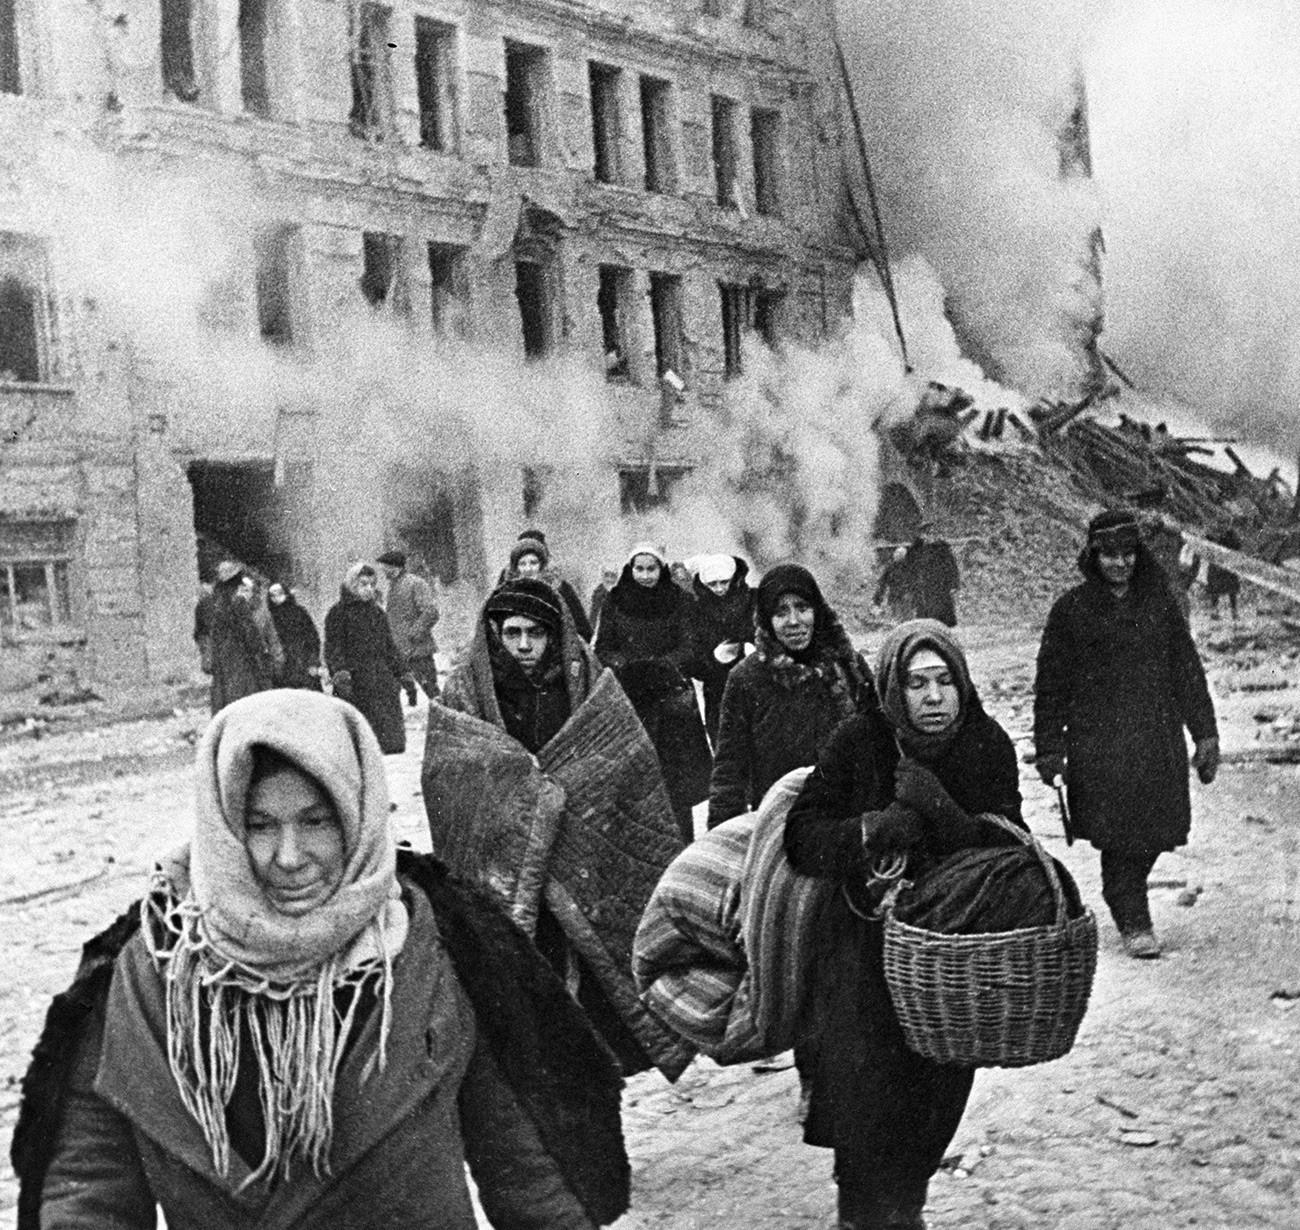 Cidadãos durante o Cerco de Leningrado, que durou de 1941 a 1943.